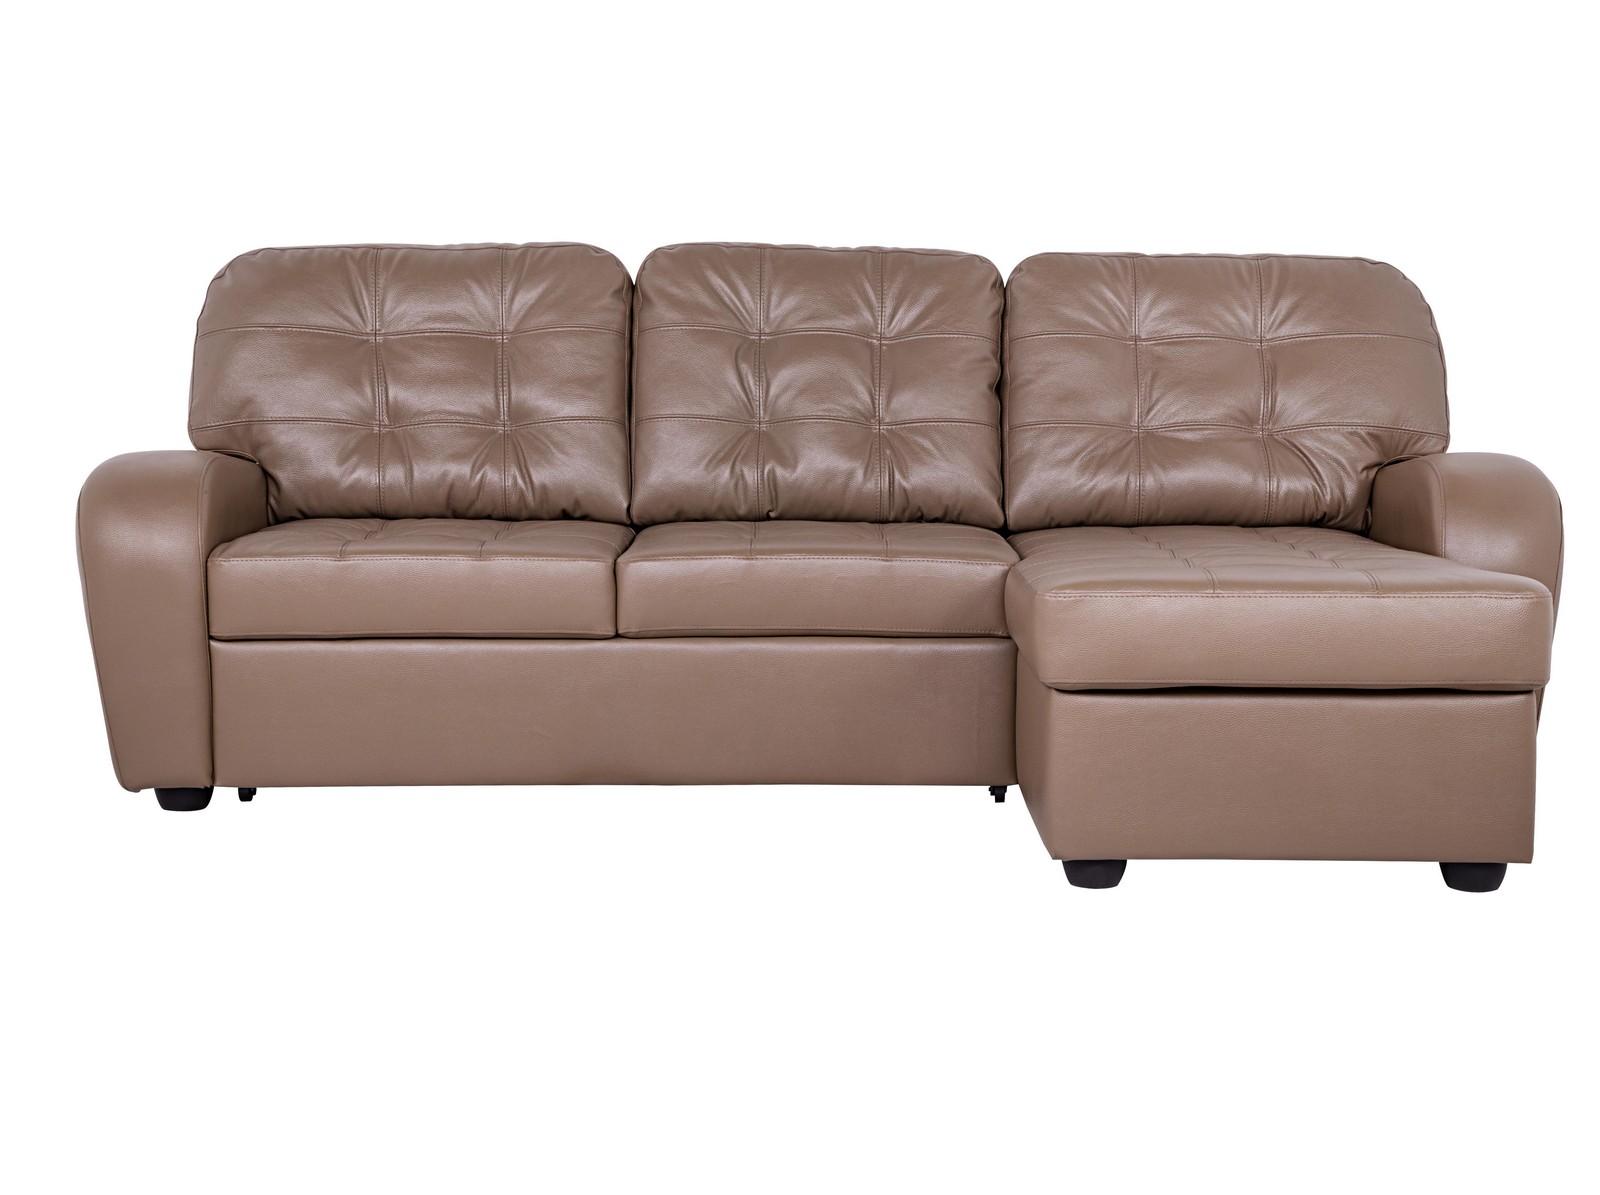 Угловой диван-кровать СиднейКожаные диваны<br>&amp;lt;span style=&amp;quot;font-size: 14px;&amp;quot;&amp;gt;Случилось то, чего вы так долго ждали! Теперь так полюбившийся всем диван может украсить собой даже небольшое помещение! &amp;quot;Сидней&amp;quot; выполнен по дизайну дивана &amp;quot;Монреаль&amp;quot;, но занимает меньше места. Он просто создан для тех, кто стремиться использовать пространство максимально эффективно.&amp;lt;/span&amp;gt;&amp;lt;div style=&amp;quot;font-size: 14px;&amp;quot;&amp;gt;&amp;lt;br&amp;gt;&amp;lt;/div&amp;gt;&amp;lt;div style=&amp;quot;font-size: 14px;&amp;quot;&amp;gt;Размер спального места: 200х137см.&amp;lt;/div&amp;gt;<br><br>Material: Кожа<br>Ширина см: 242<br>Высота см: 94<br>Глубина см: 154